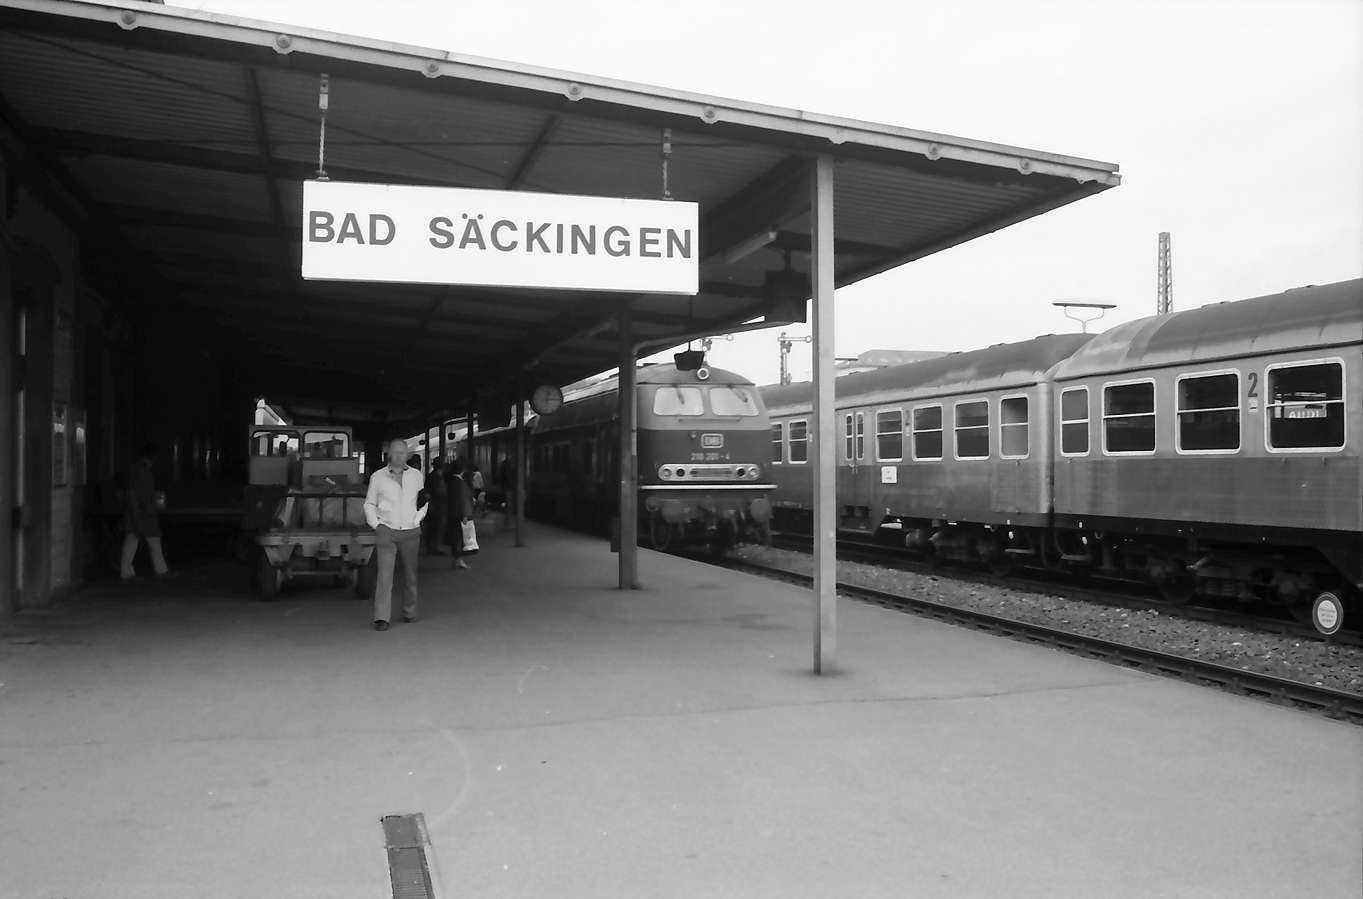 Bad Säckingen: neues Bahnhofsschild: Bad Säckingen, Bild 1